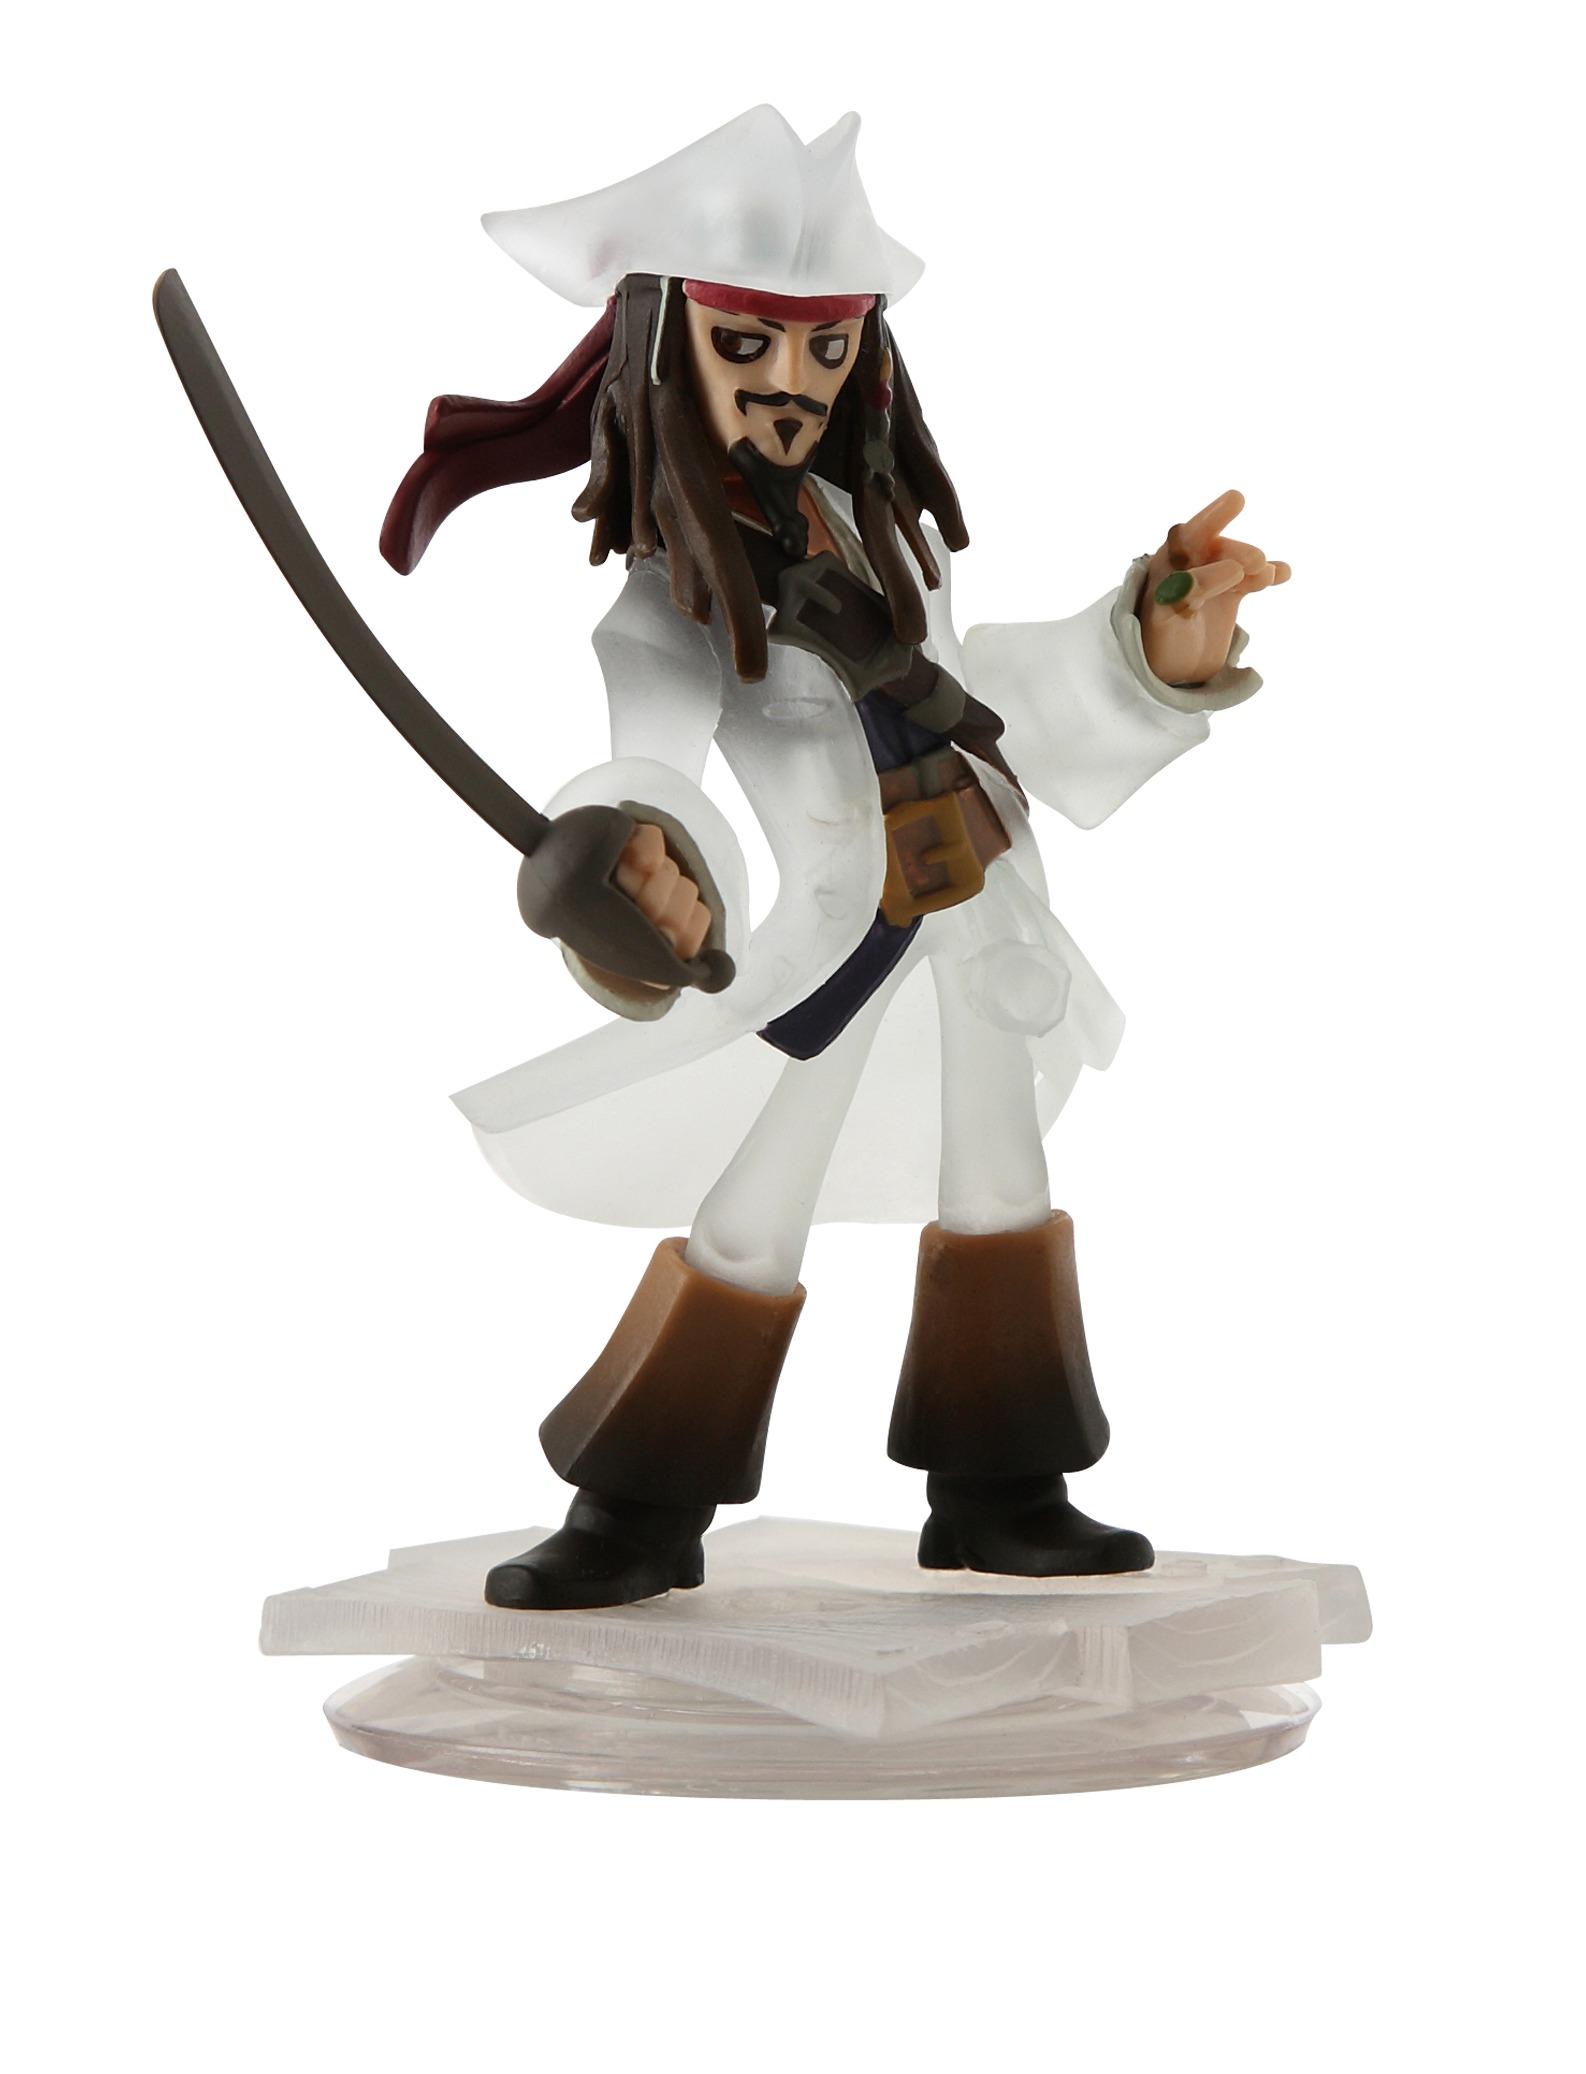 Crystal Jack Sparrow